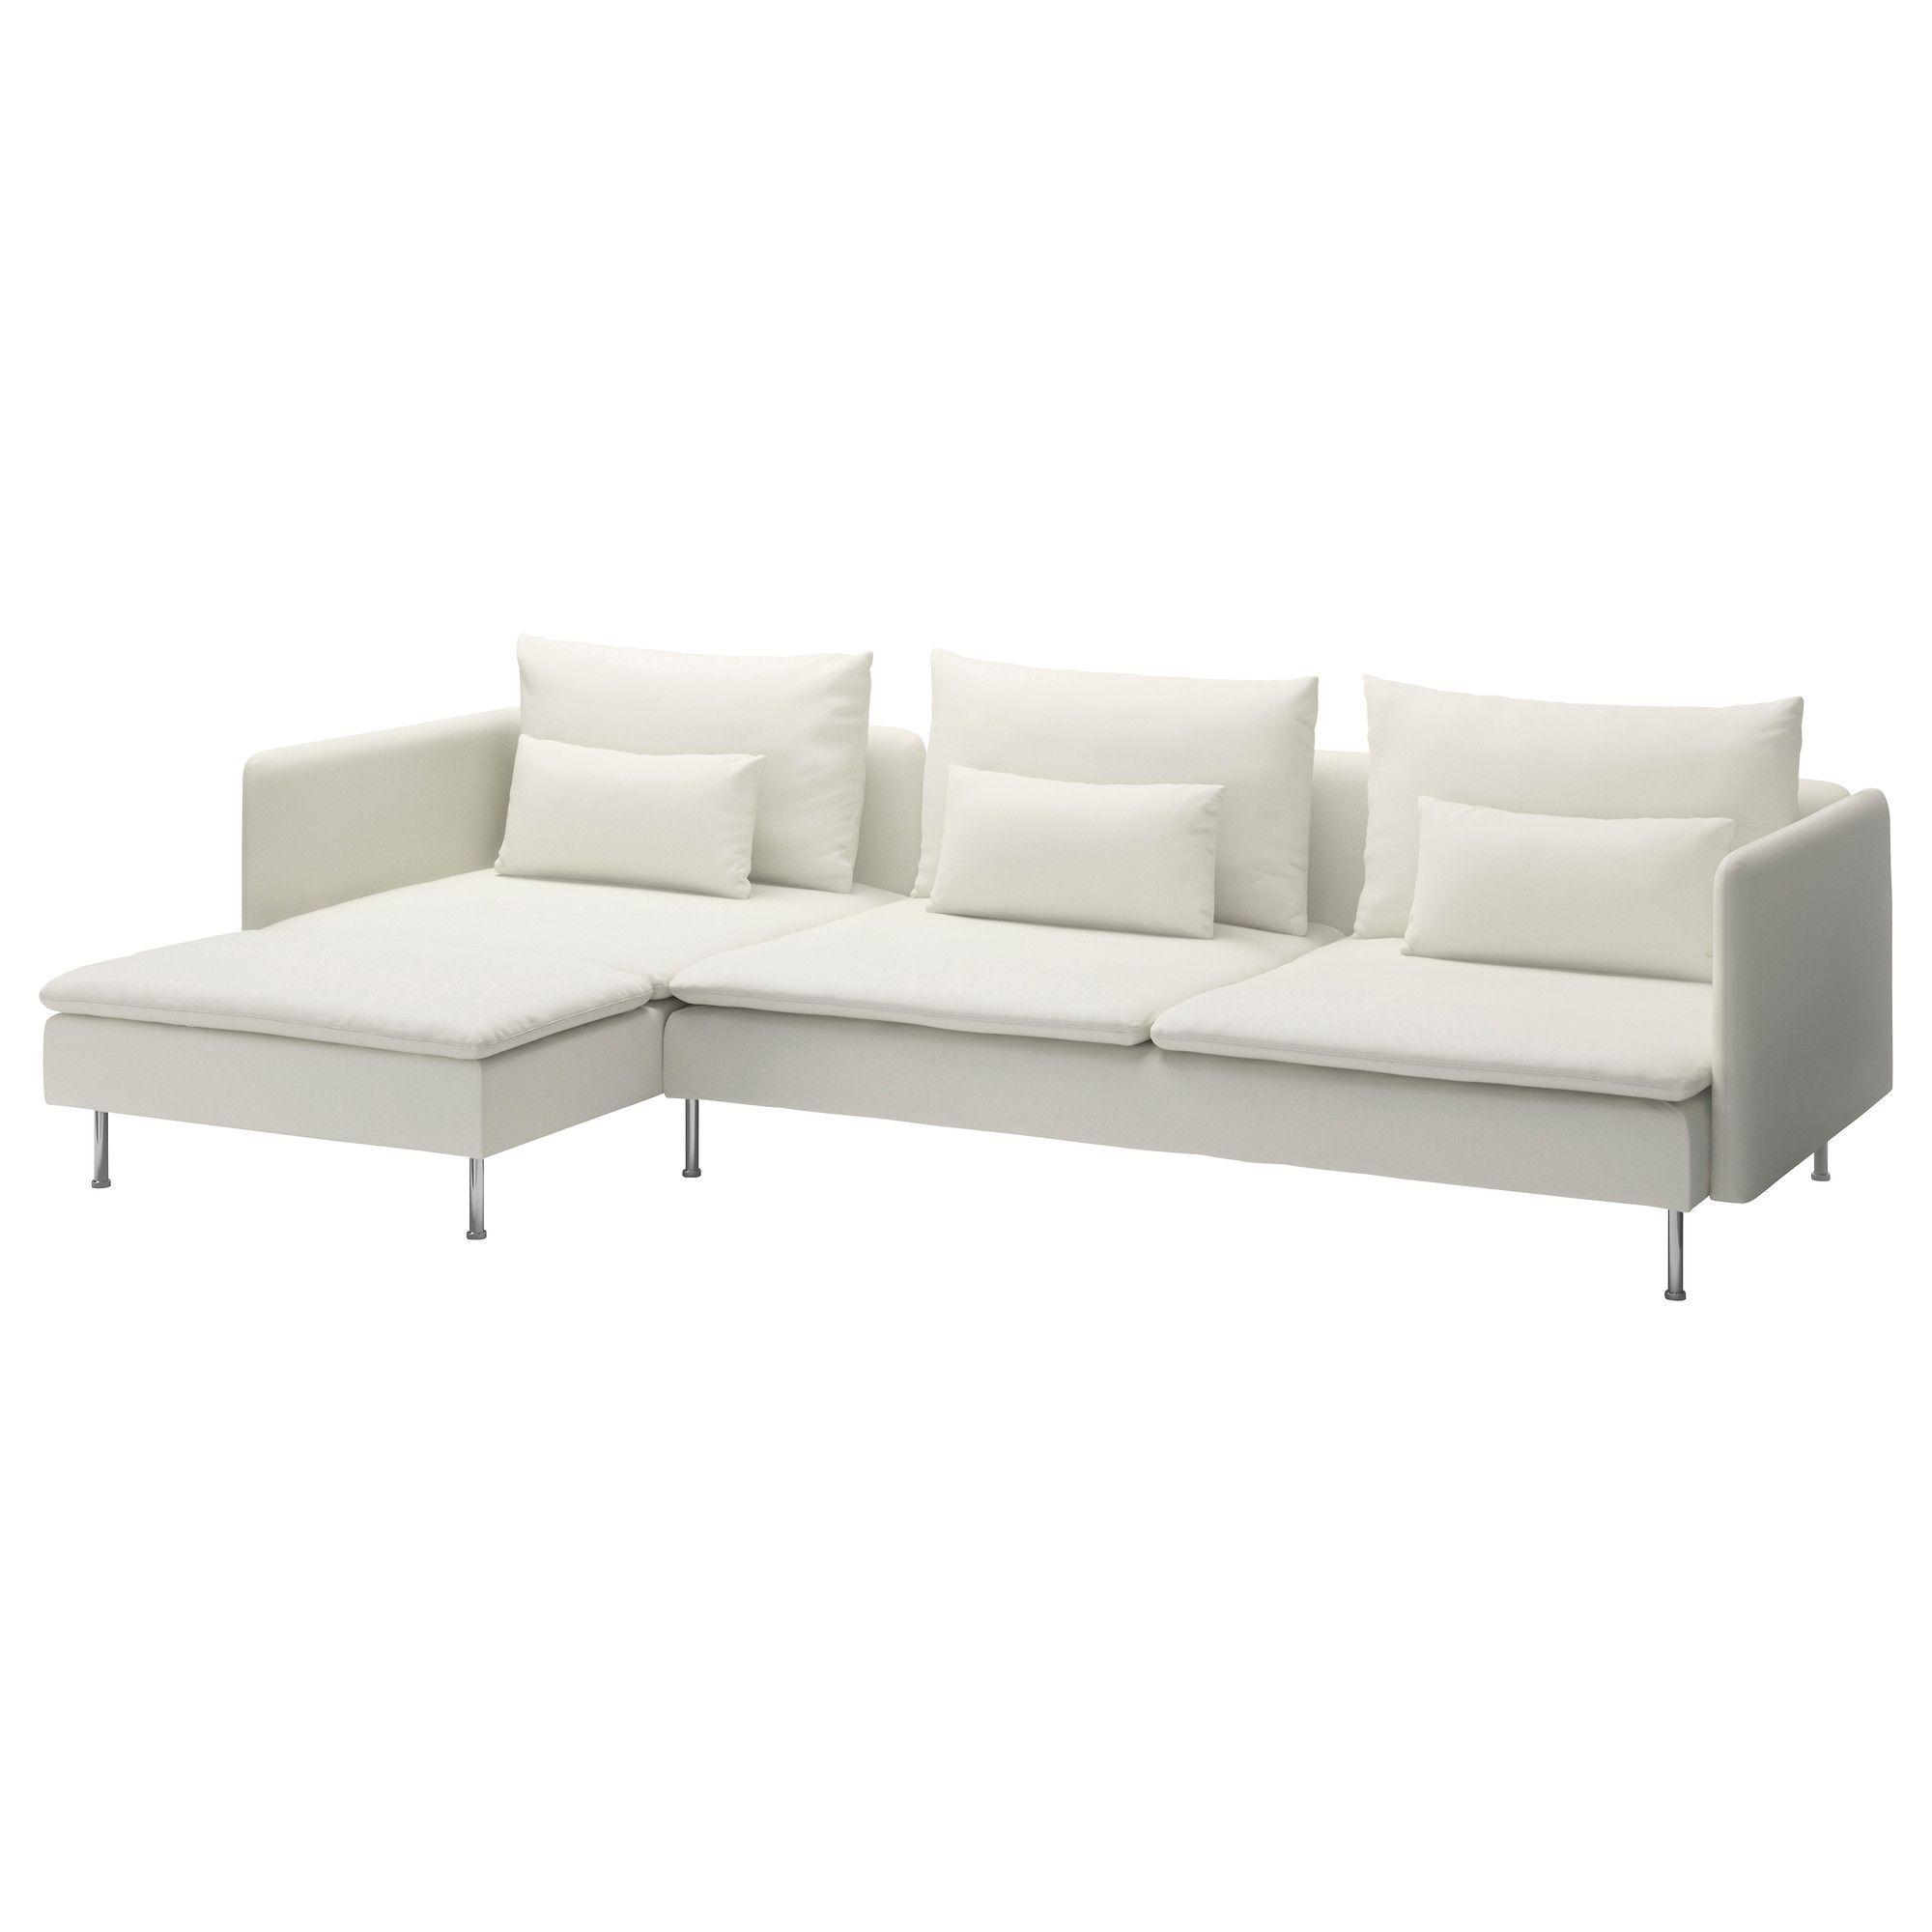 Sofa Chaise Longue Ikea.Mobilier Et Decoration Interieur Et Exterieur Home Etc